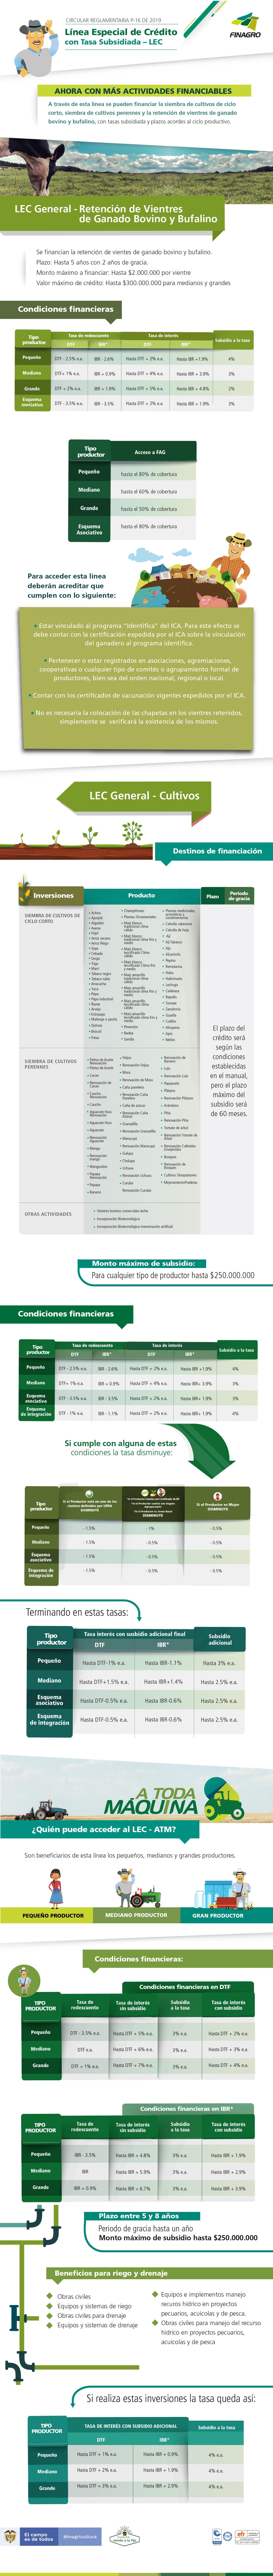 Infografia Circular Reglamentaria P-16